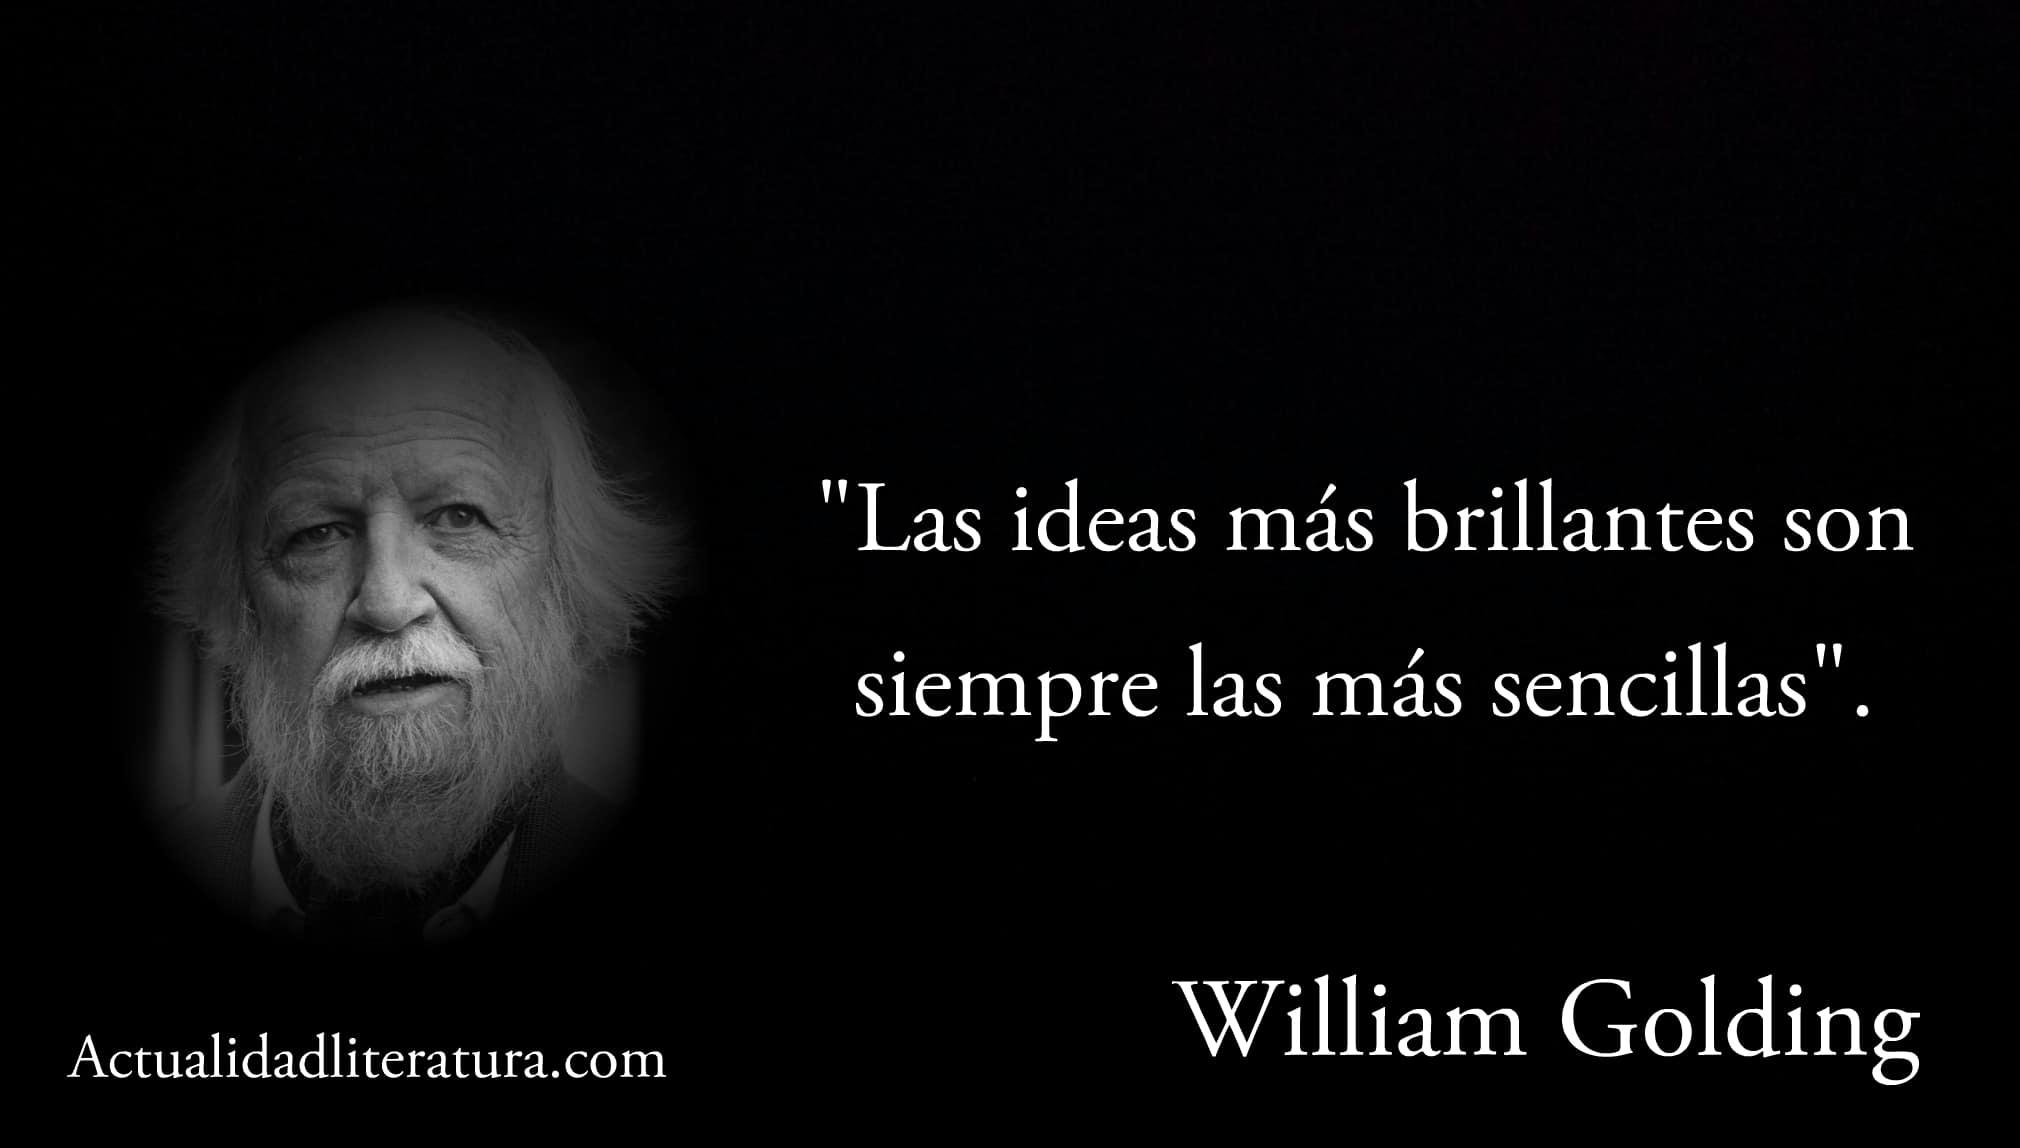 Frase de William Golding.